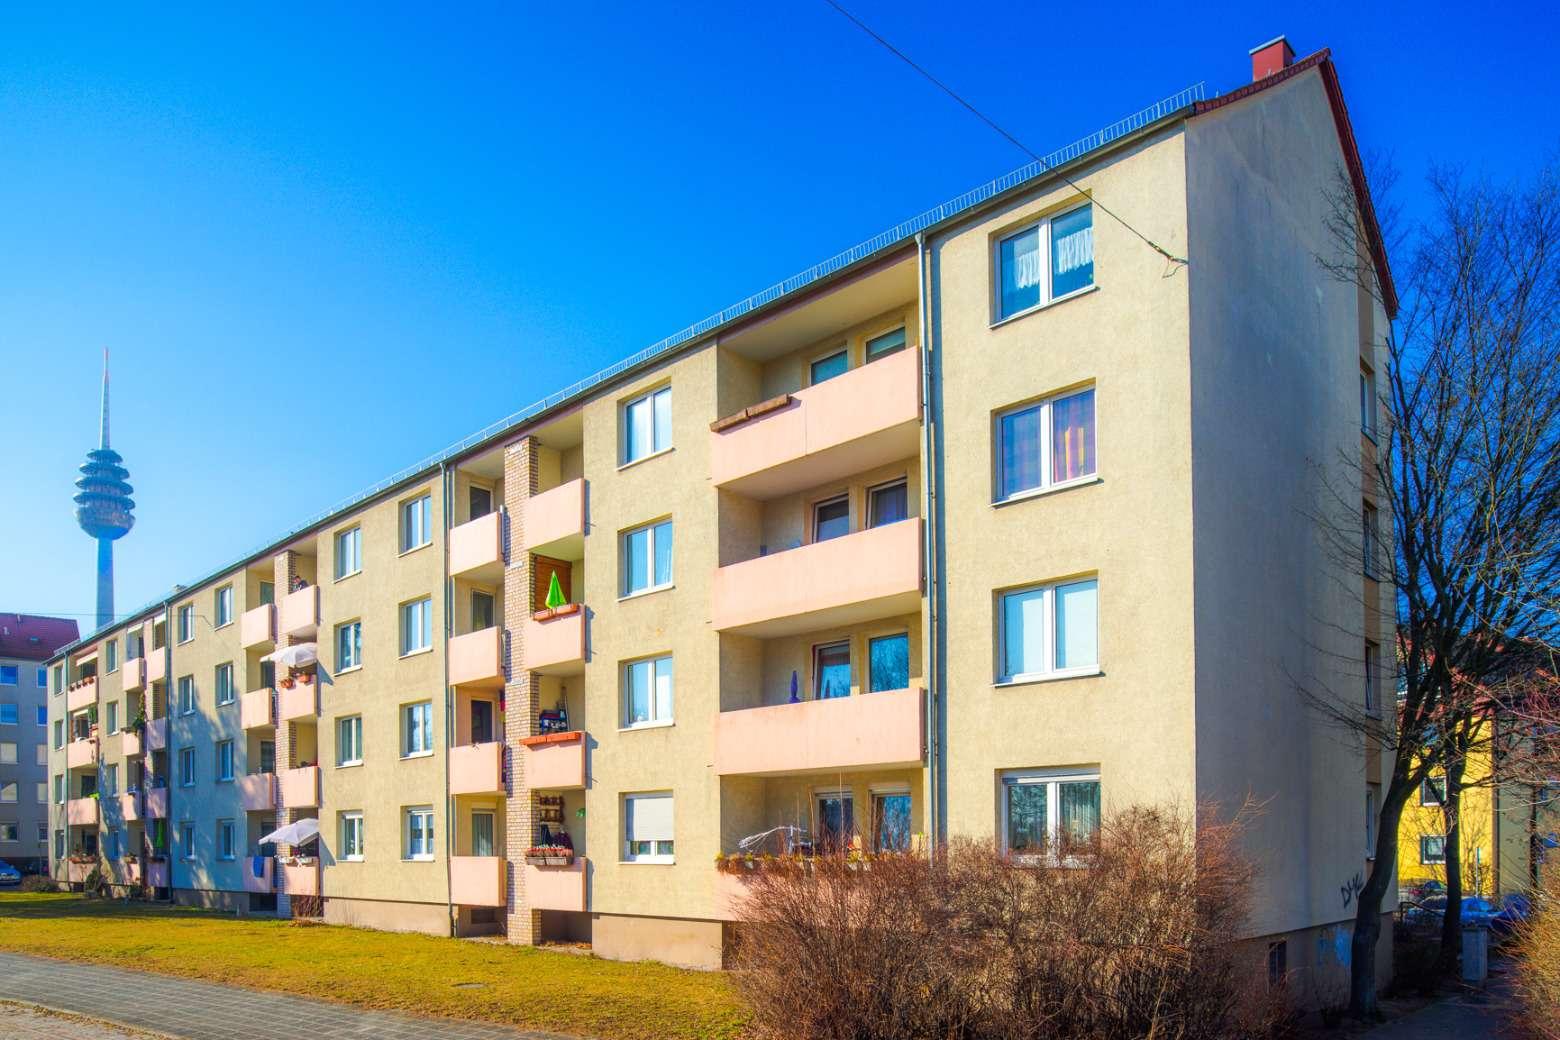 Schöne, modernisierte 3-Zimmer-Wohnung mit Loggia in Schweinau zu vermieten  in Hohe Marter (Nürnberg)